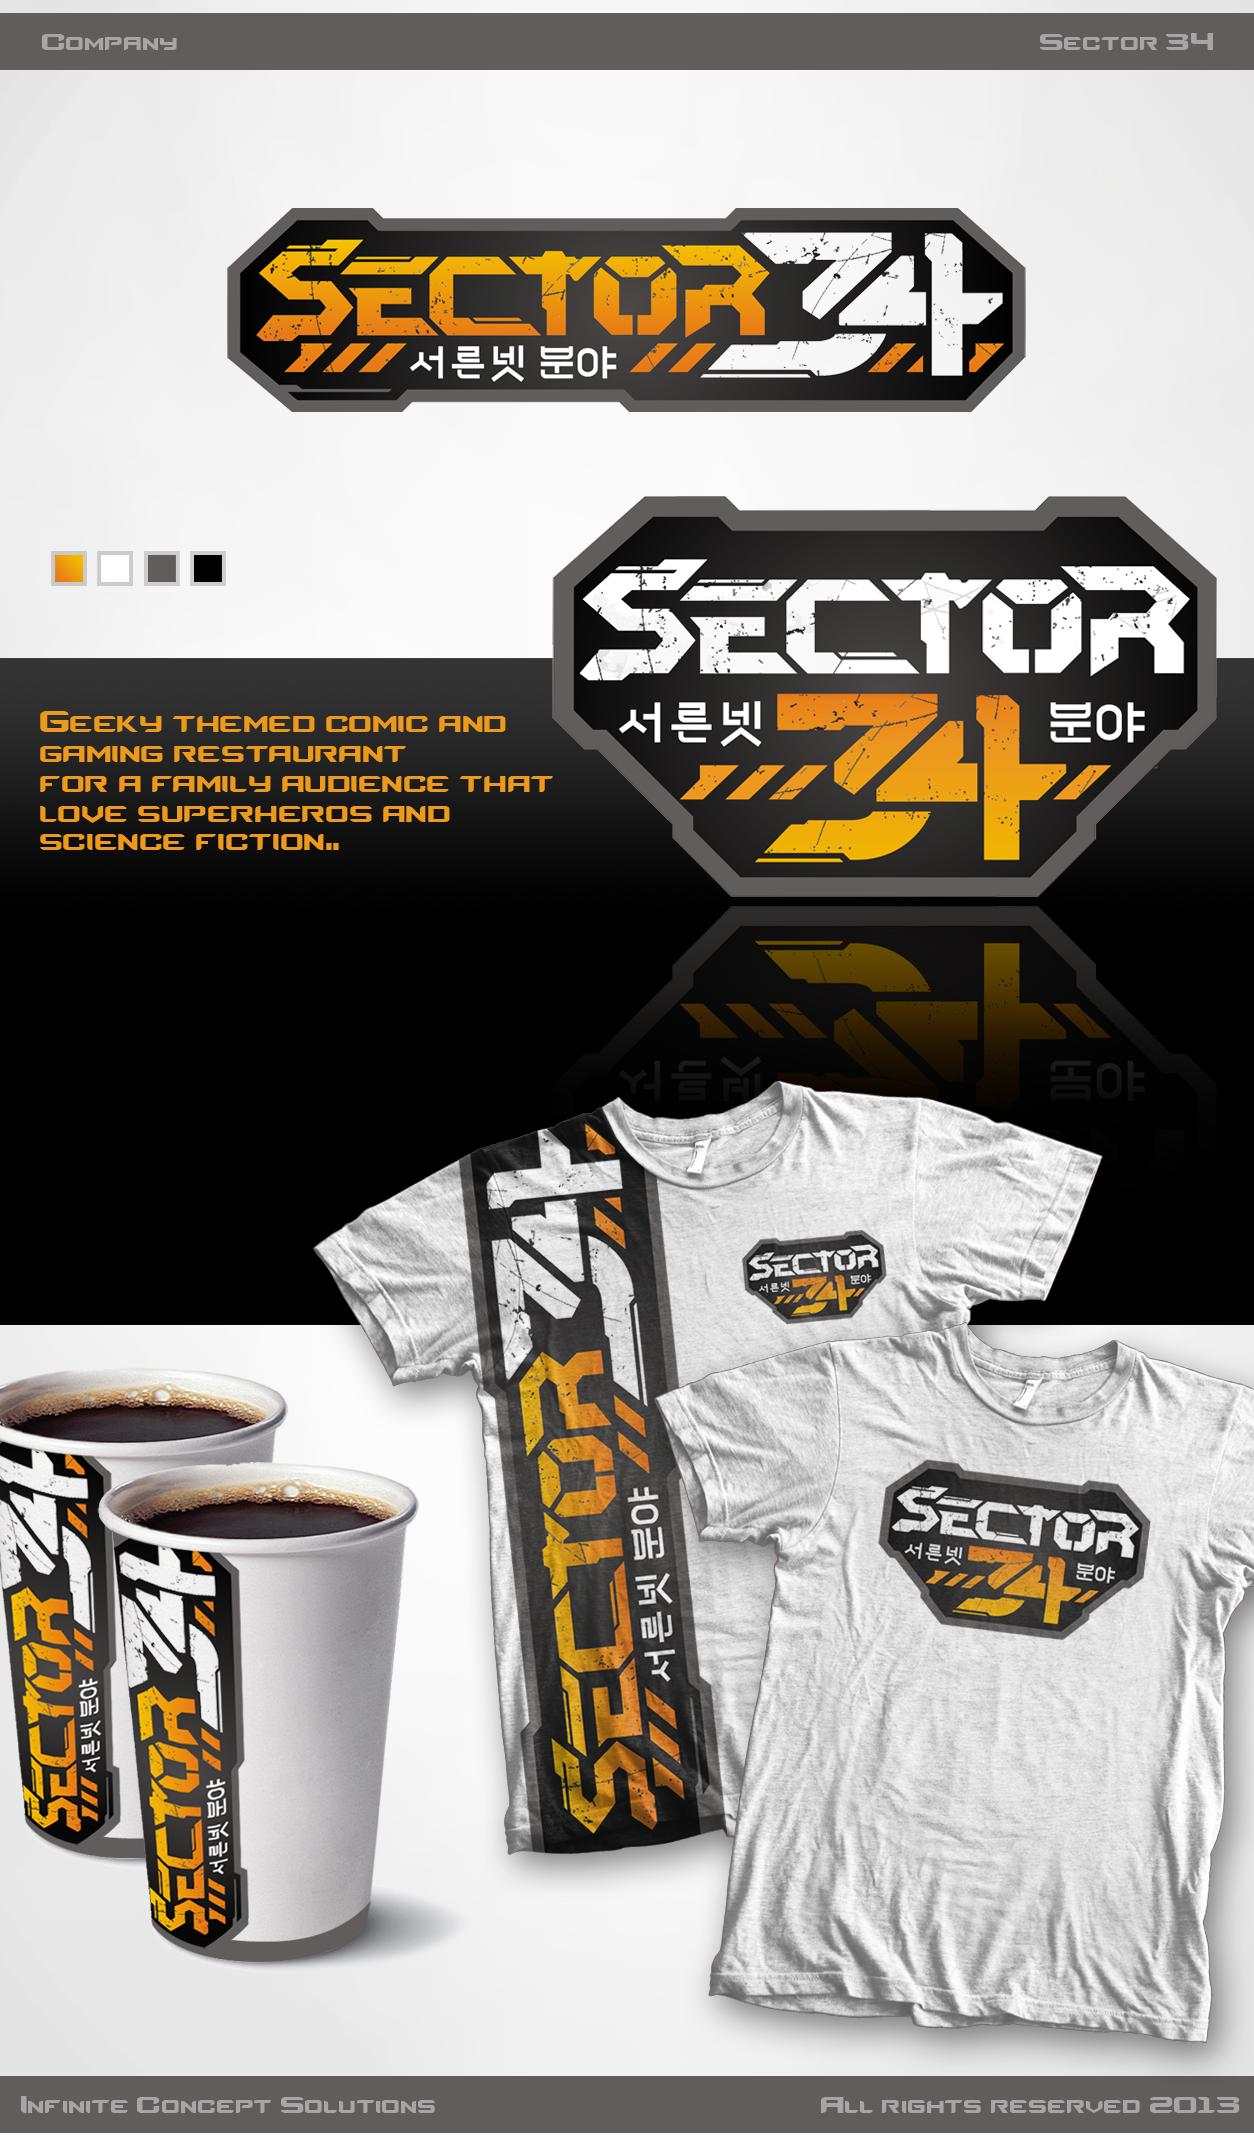 Sector34 needs logo for a geek restaurant